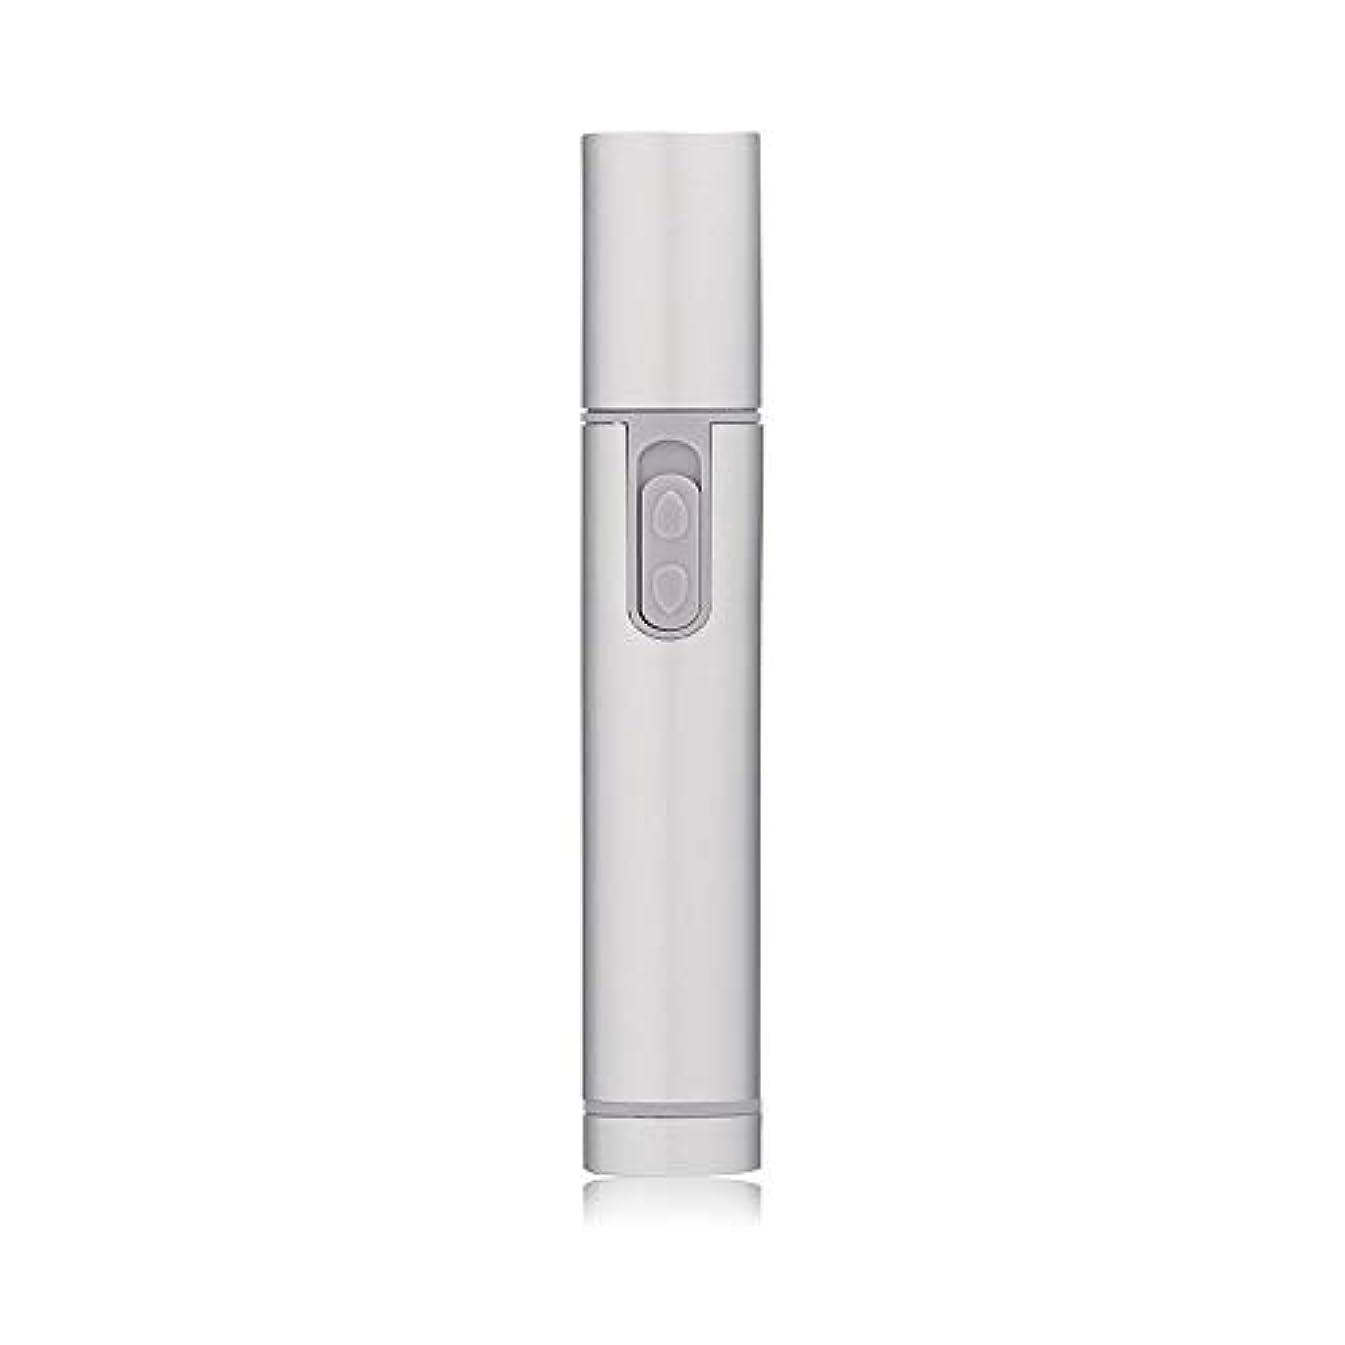 湾圧力兄弟愛鼻毛トリマー-多機能電動鼻毛トリマー/ 360°回転オールラウンド/ナイフヘッド防水洗える/ 11.3-1.4cm 持つ価値があります